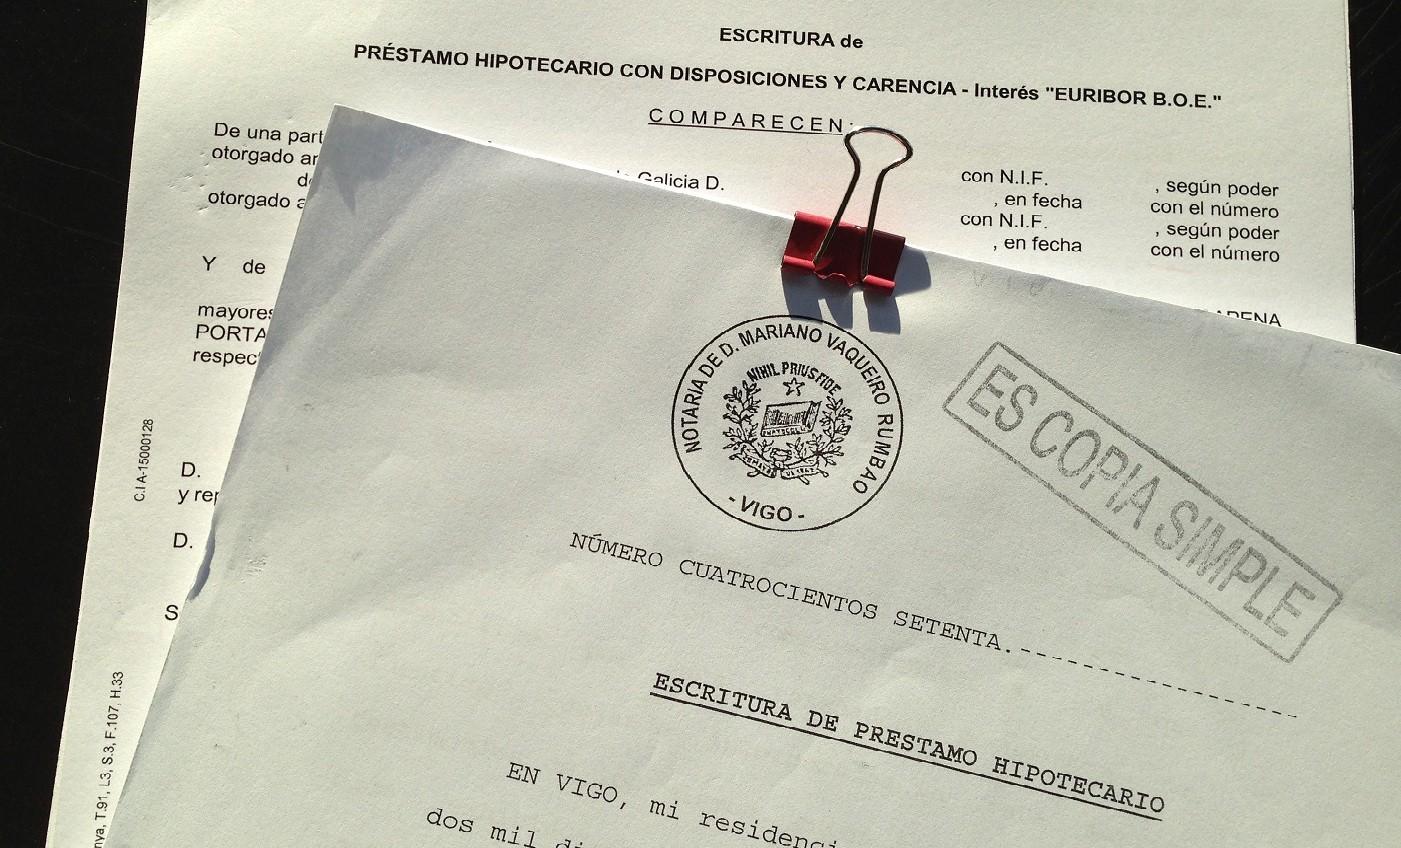 Lopez abogados clausula suelo for Abogados clausula suelo